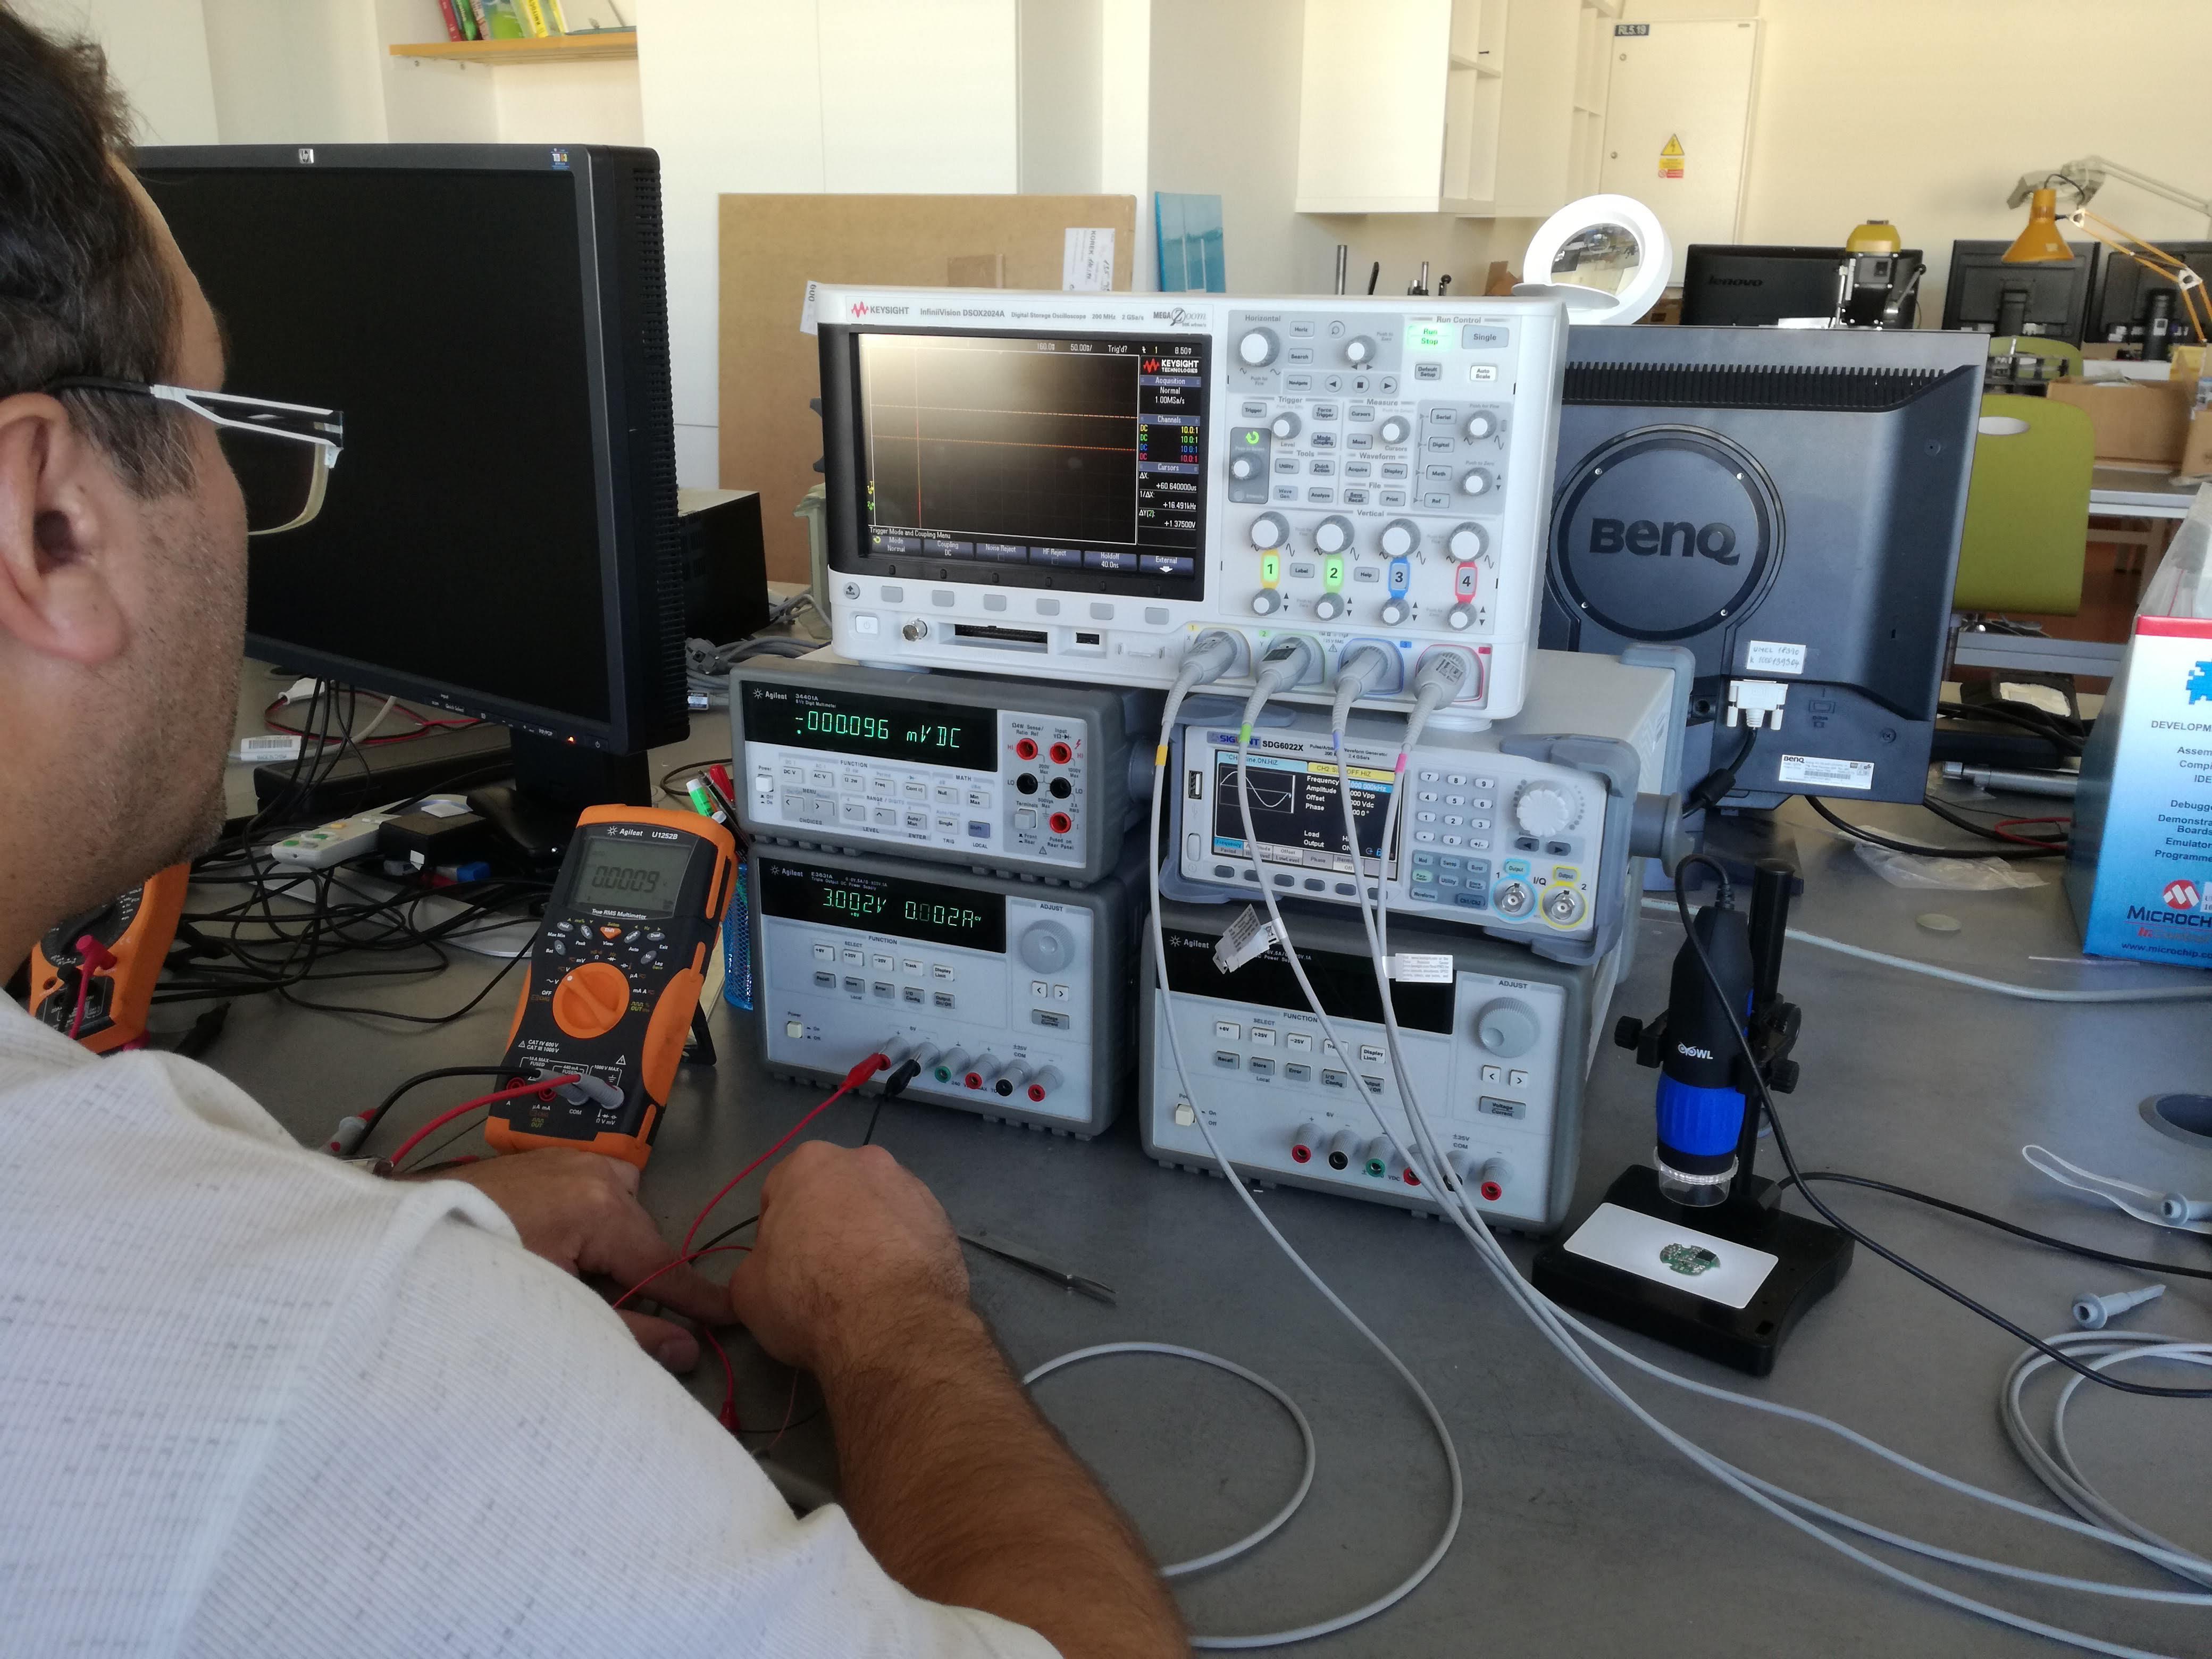 Laboratoř vestavěných systémů a programování mikropočítačů a mikrokontrolérů - Měřicí pracoviště sloužící pro oživování a testování vyvíjených systémů